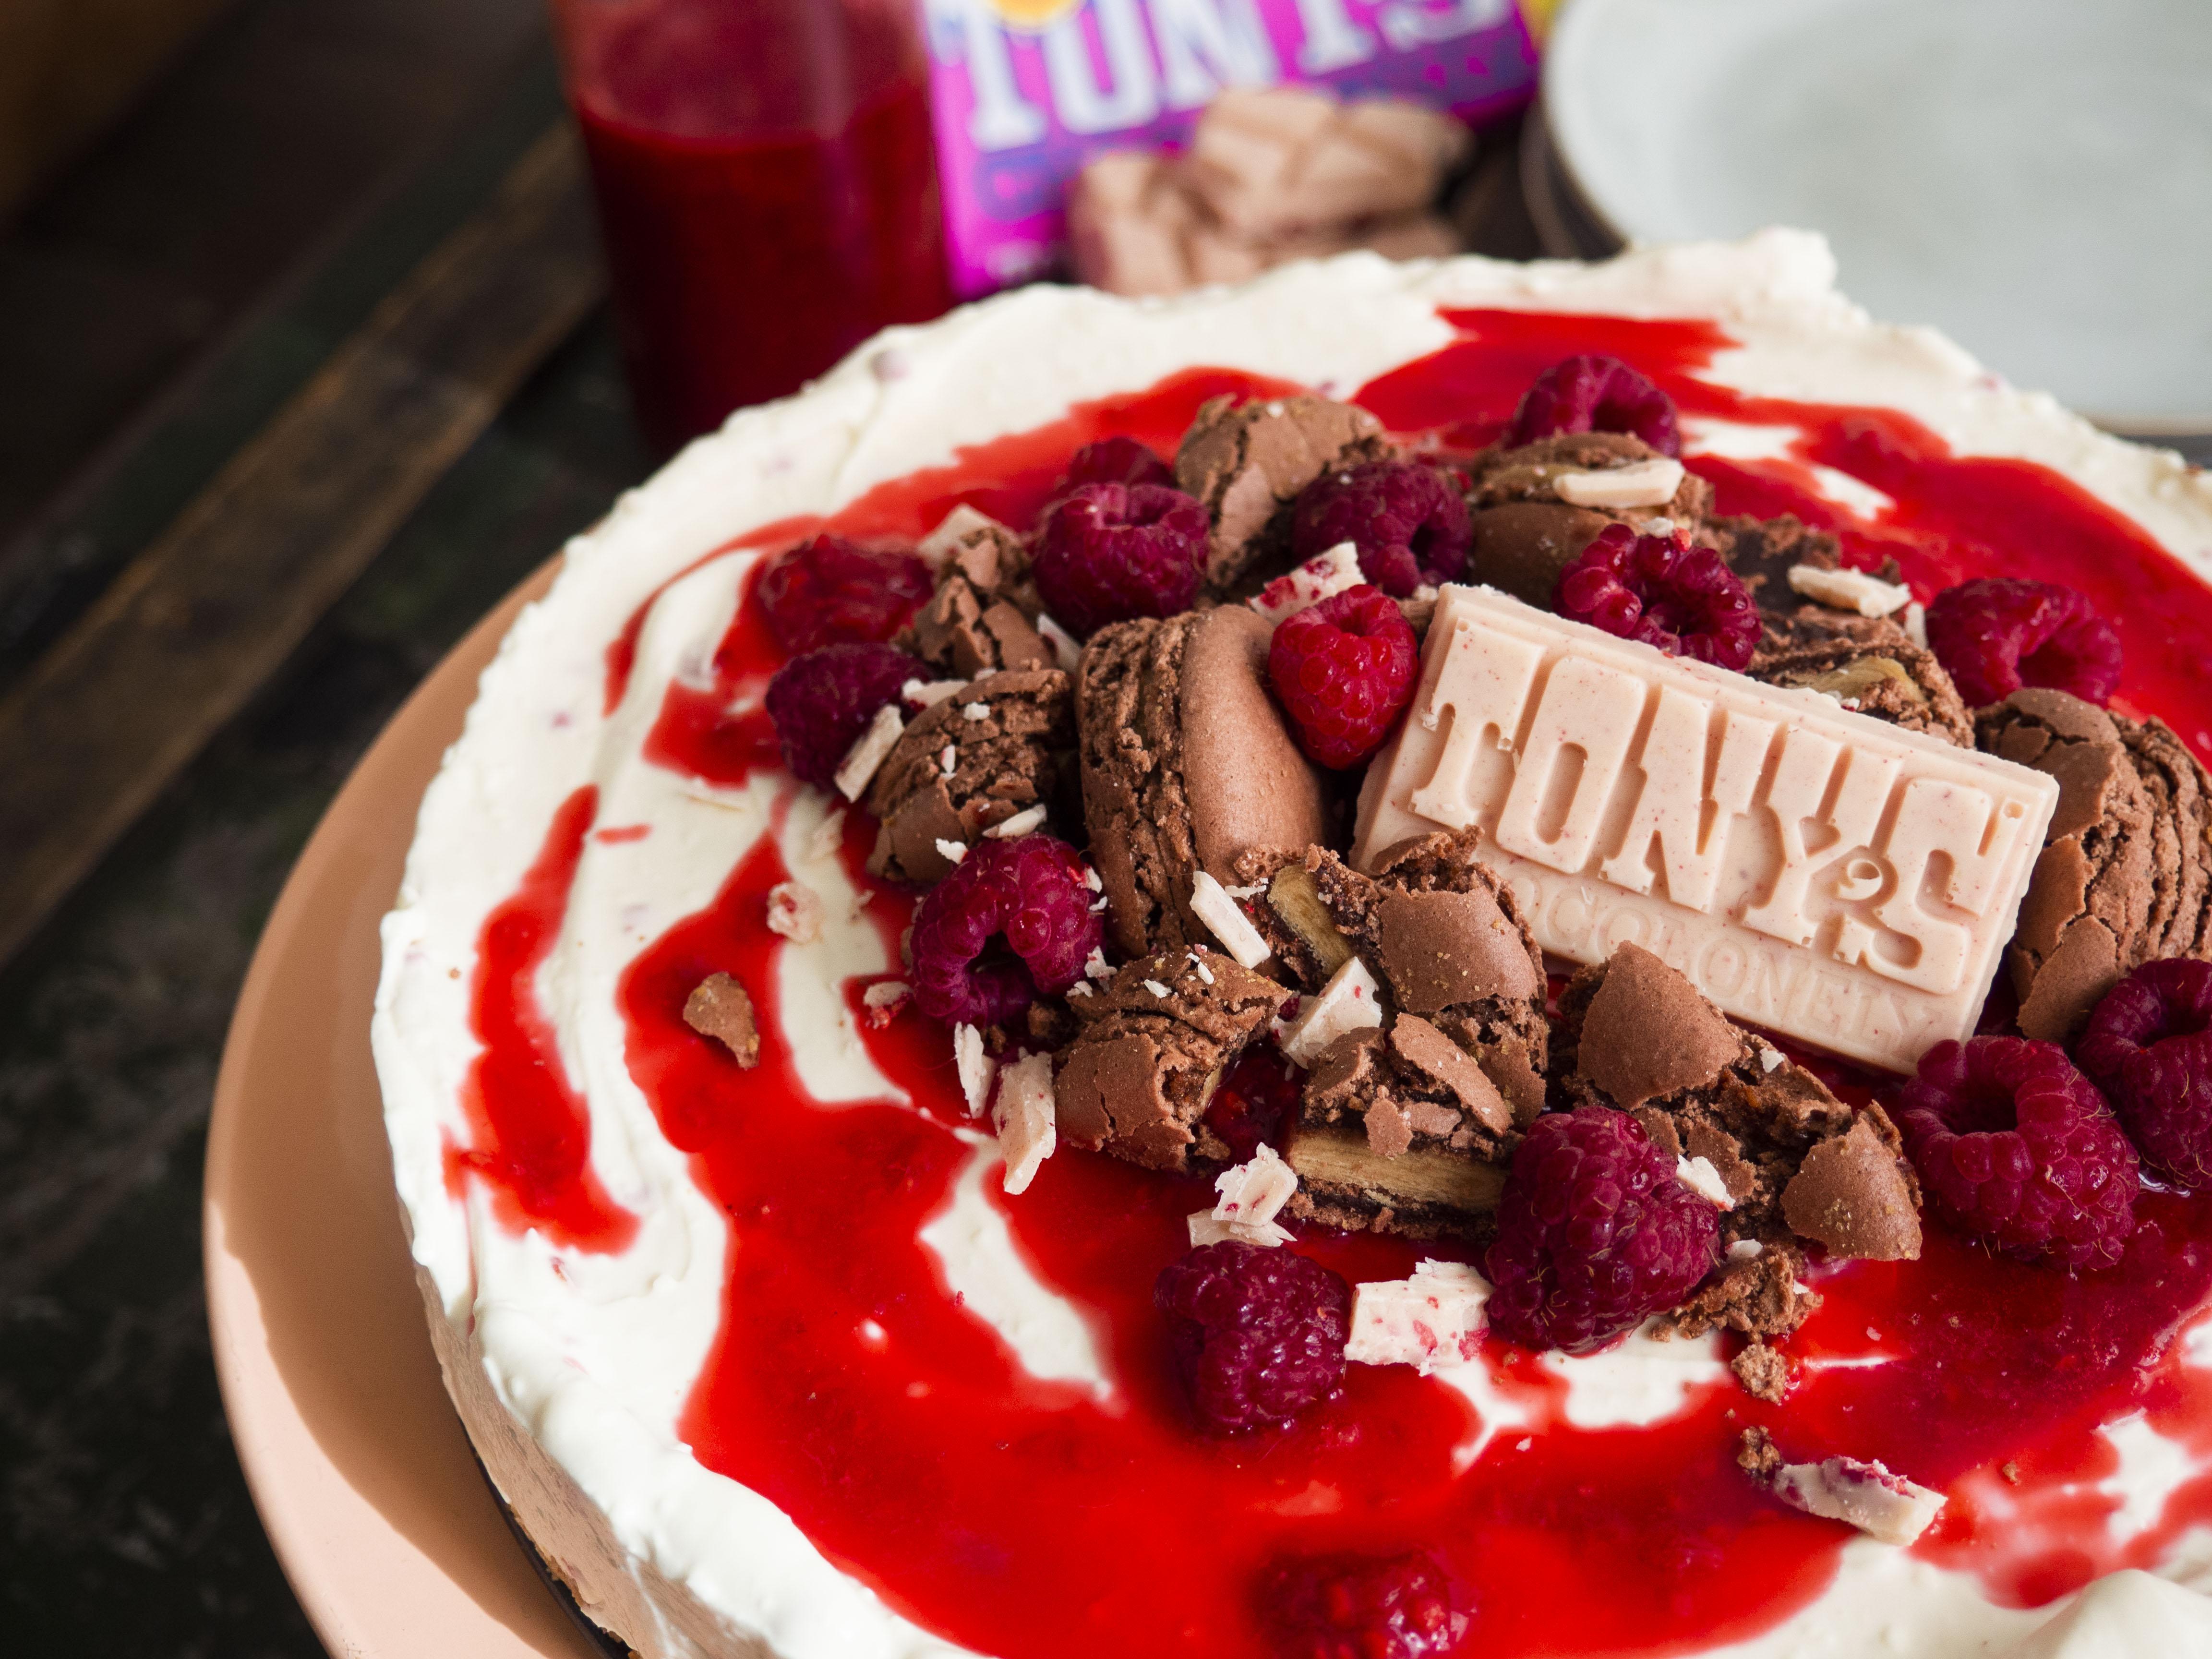 chocoladetaart met frambozen, macarons en biersaus